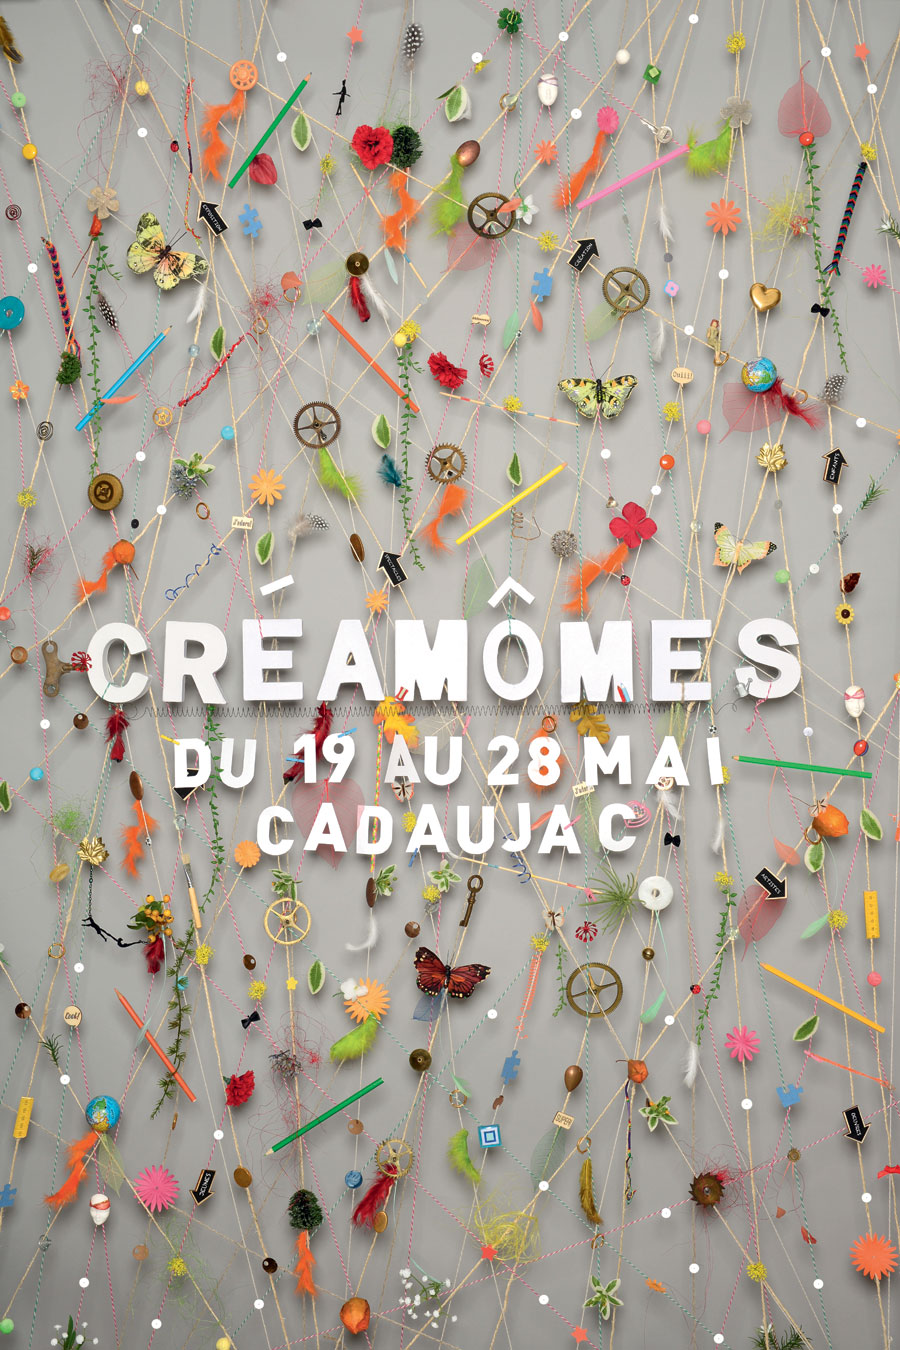 affiche-creamomes-design